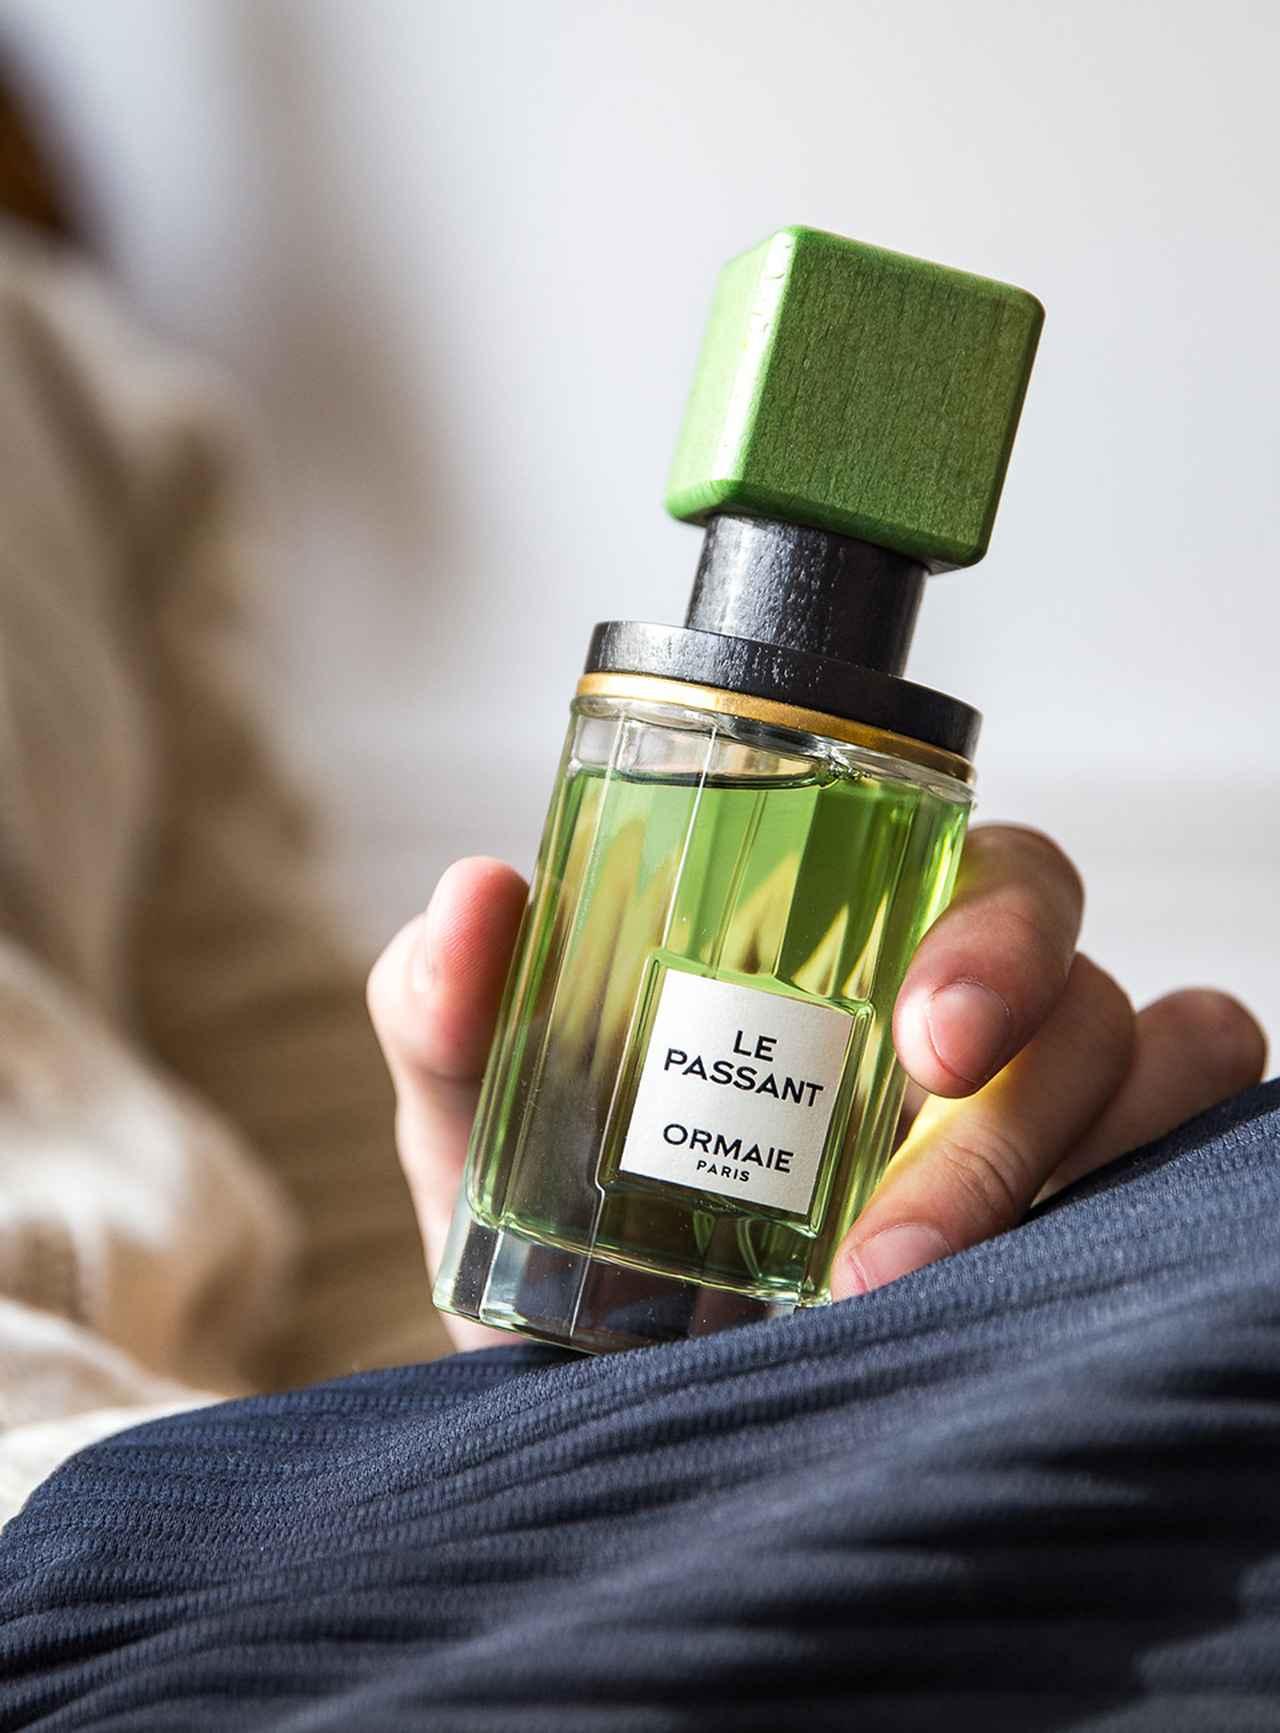 Images : 3番目の画像 - 「母と息子が生み出す天然の香り。 フレグランスブランド 「ORMAIE」」のアルバム - T JAPAN:The New York Times Style Magazine 公式サイト